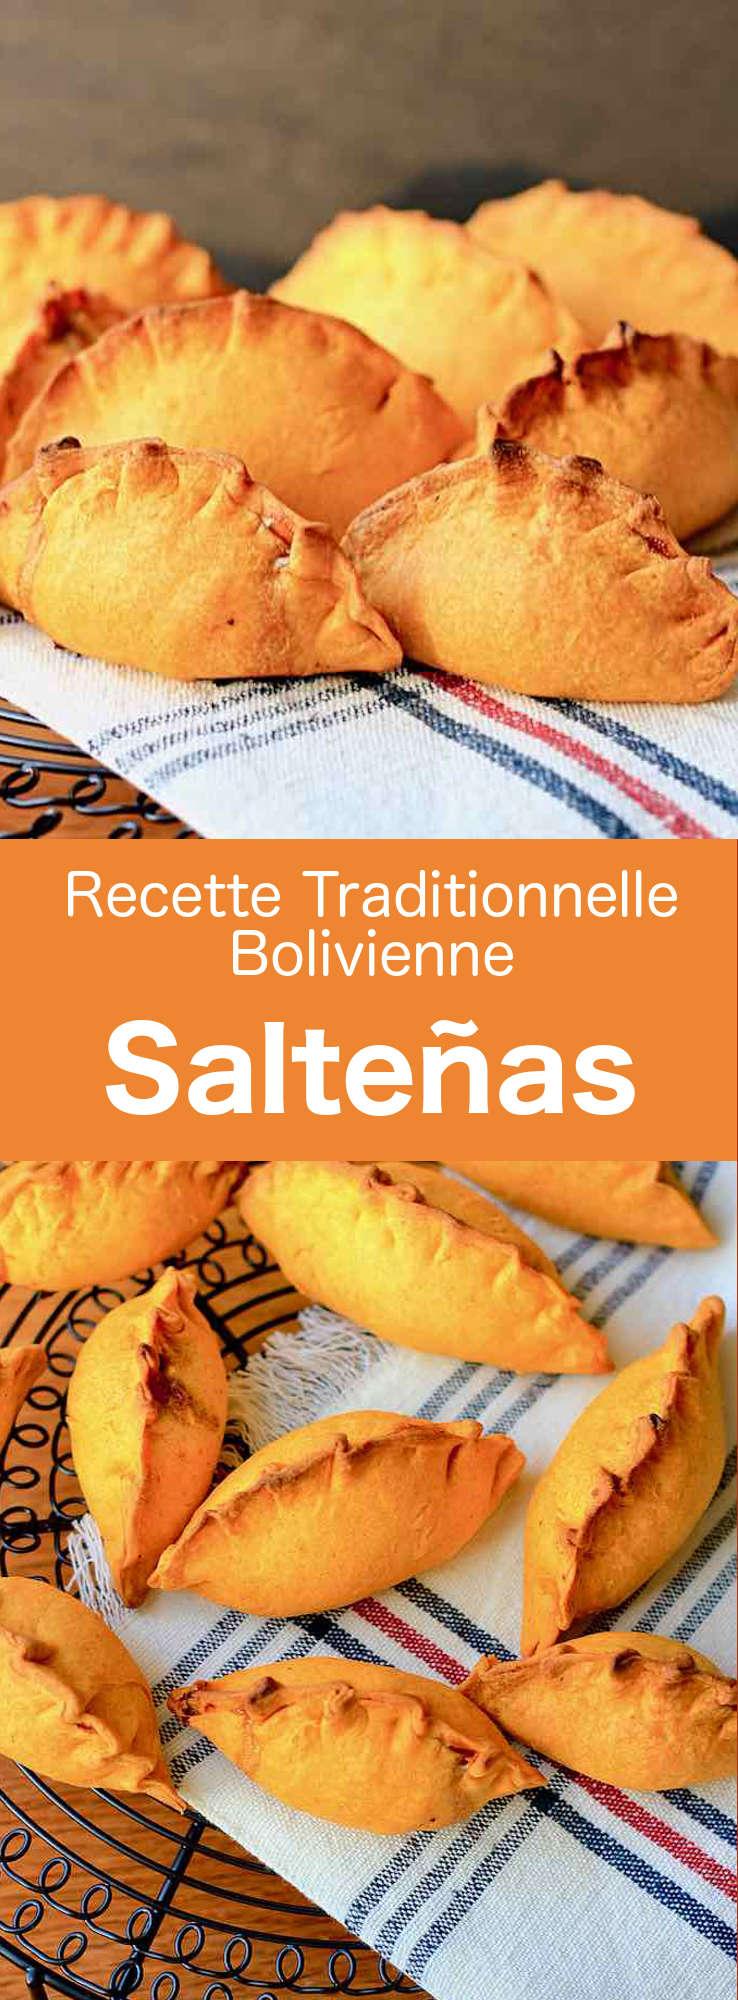 Les salteñas sont la version bolivienne des empanadas, de petits chaussons farcis de viande, de bouillon de viande en gelée, d'œuf dur et d'épices. #Bolivie #RecetteBolivienne #CuisineBolivienne #CuisineDuMonde #196flavors